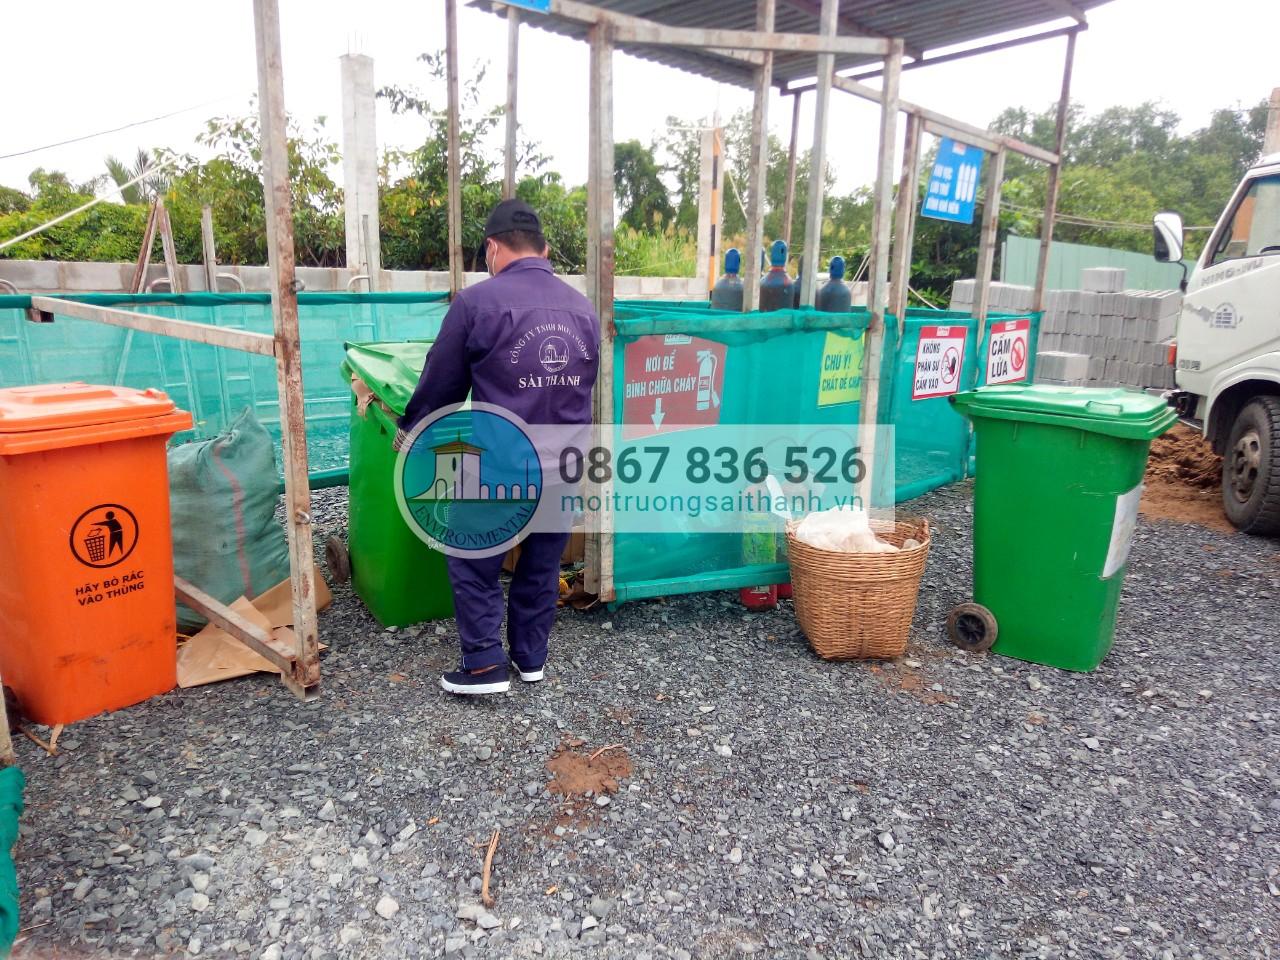 Thu gom rác sinh hoạt tại công trình xây dựng An Phong